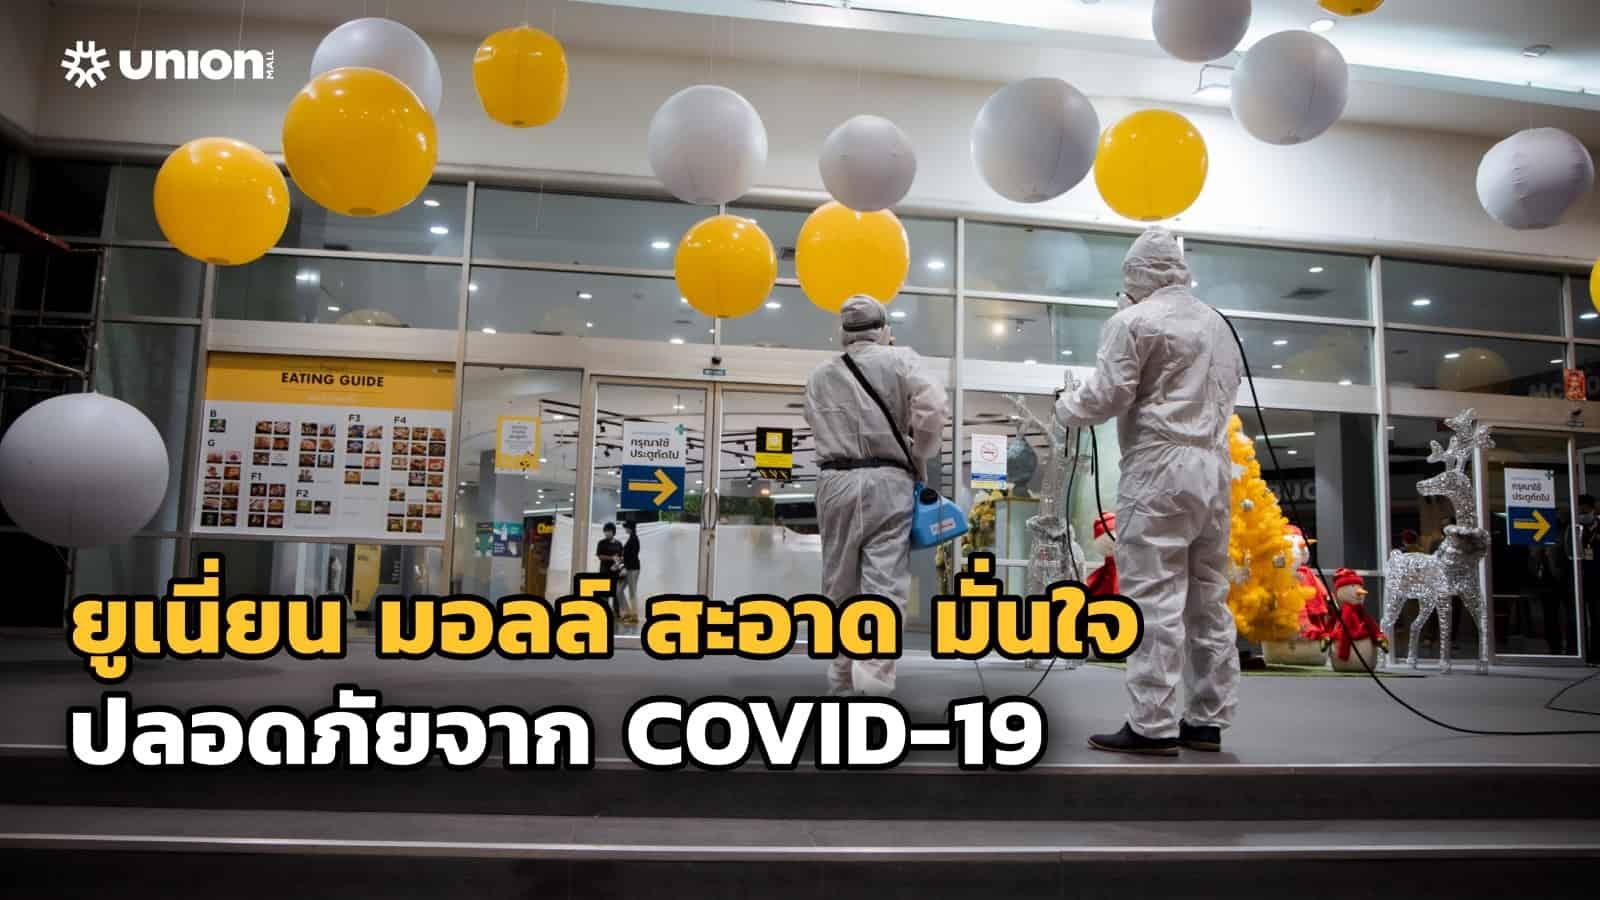 Union Mall announcement COVID-19